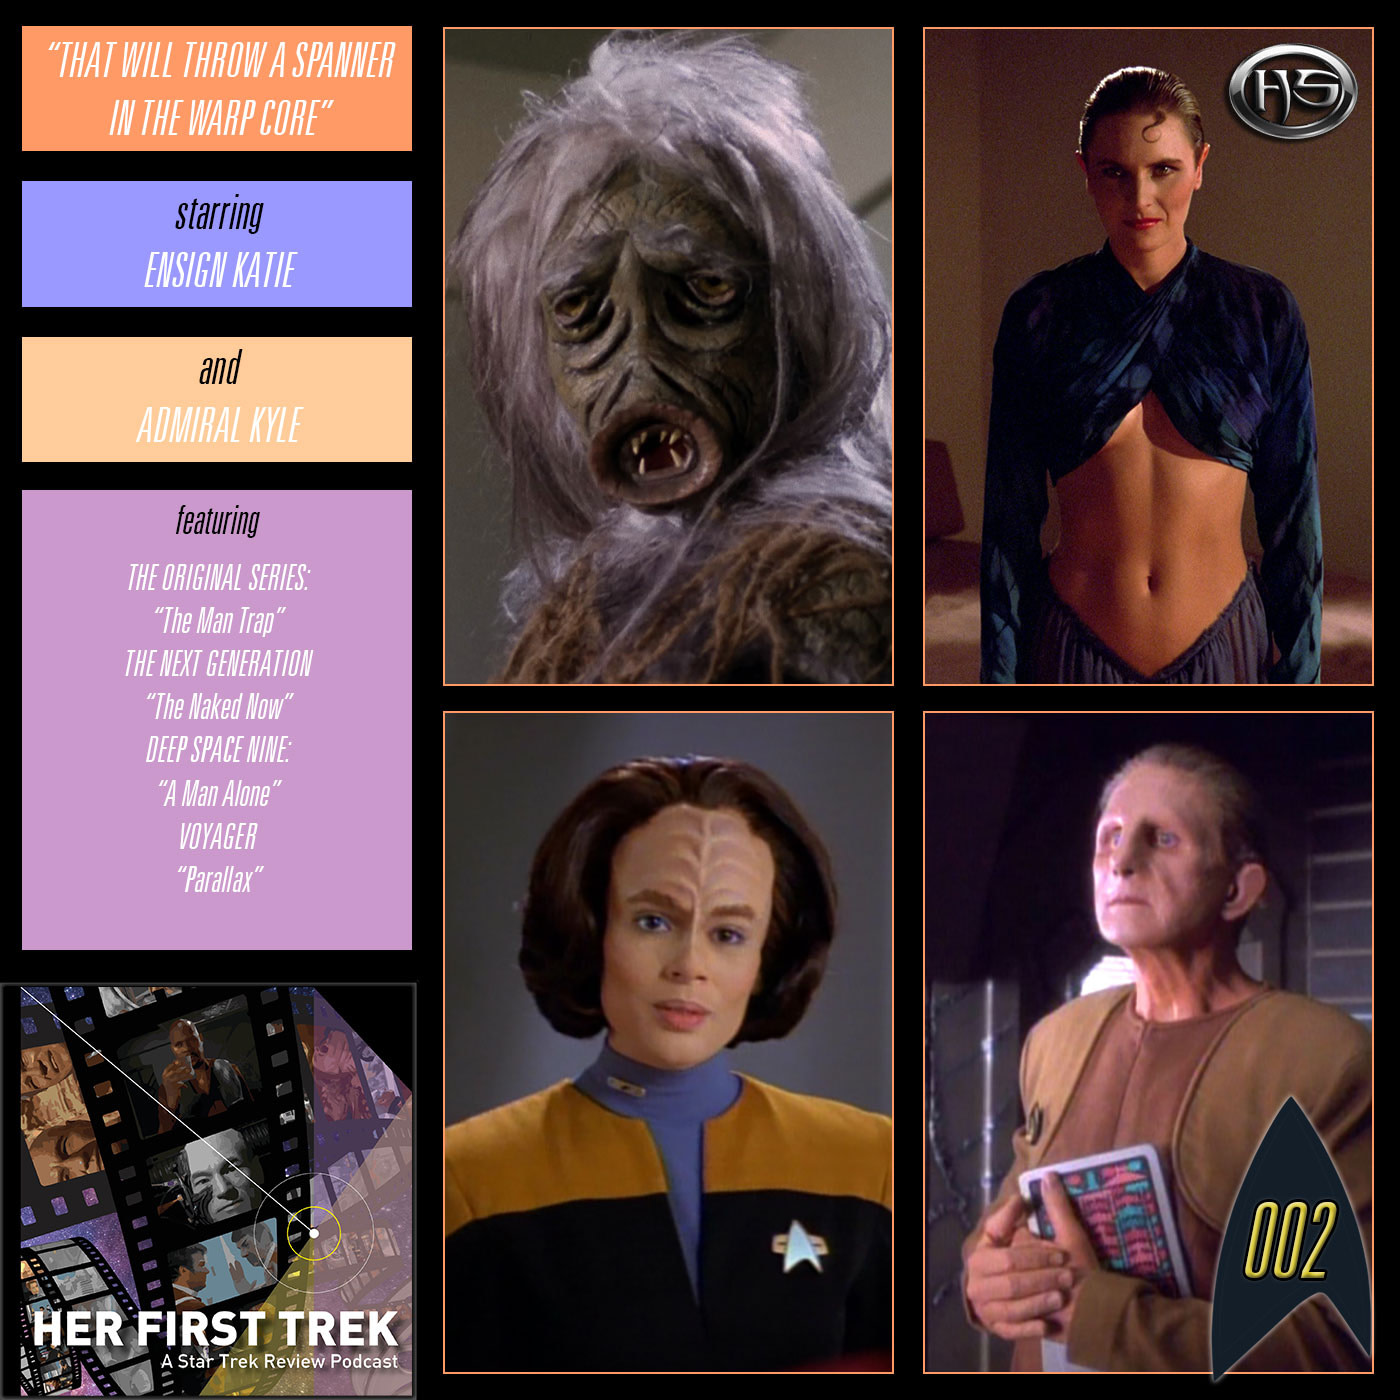 Her First Trek Episode 2